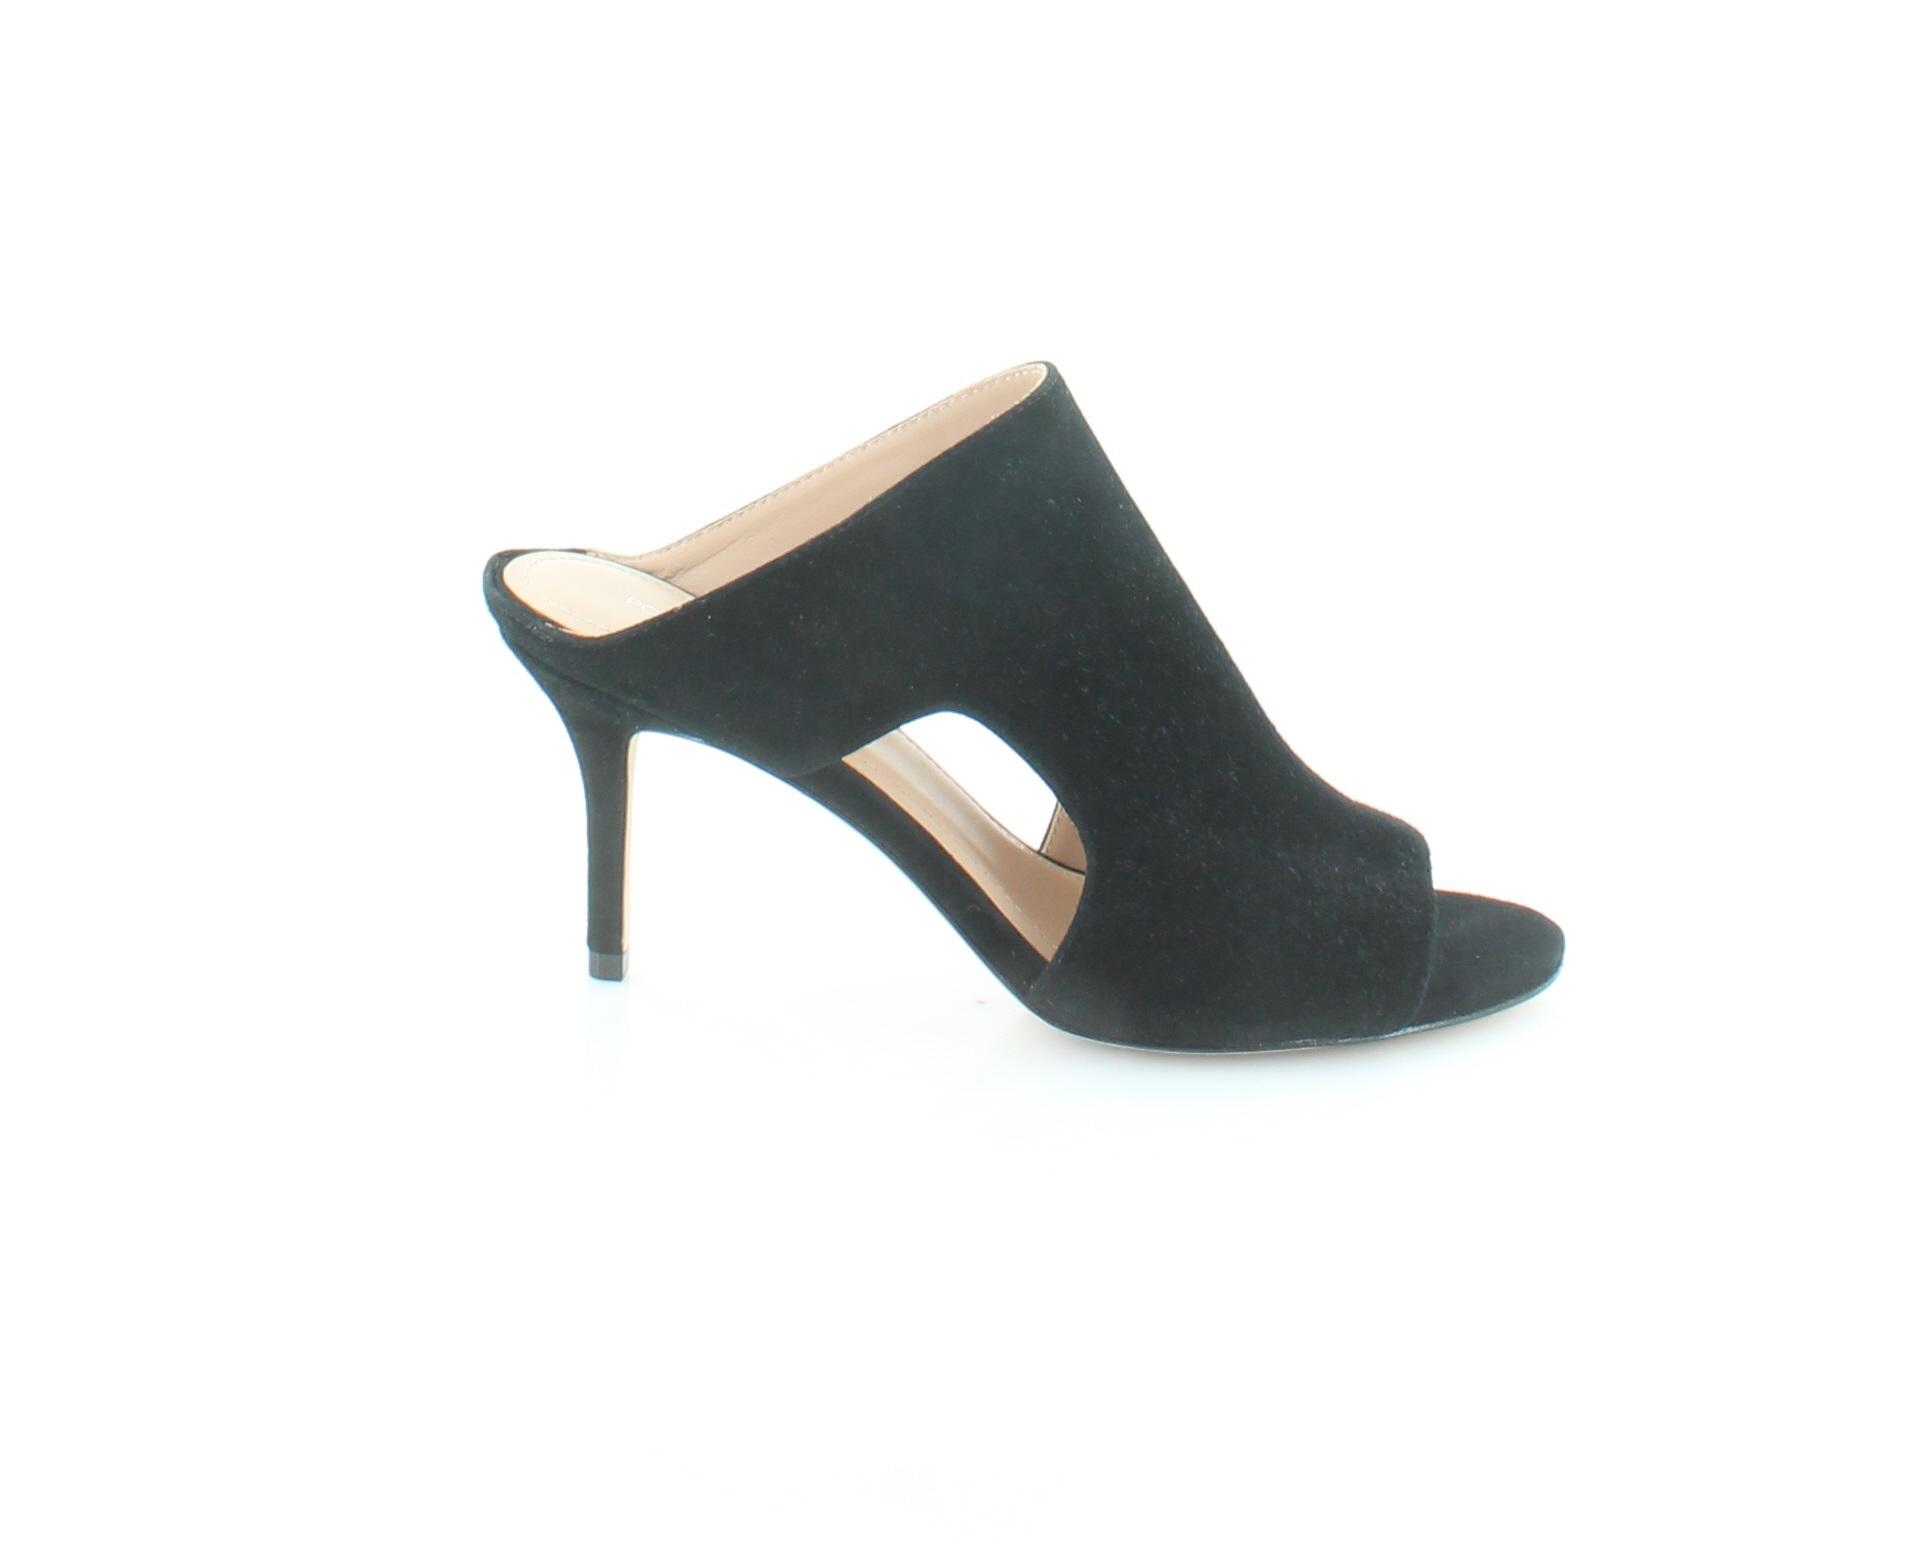 Pour La Victoire Zandra nero donna scarpe scarpe scarpe Dimensione 6.5 M Sandals MSRP  245 624004